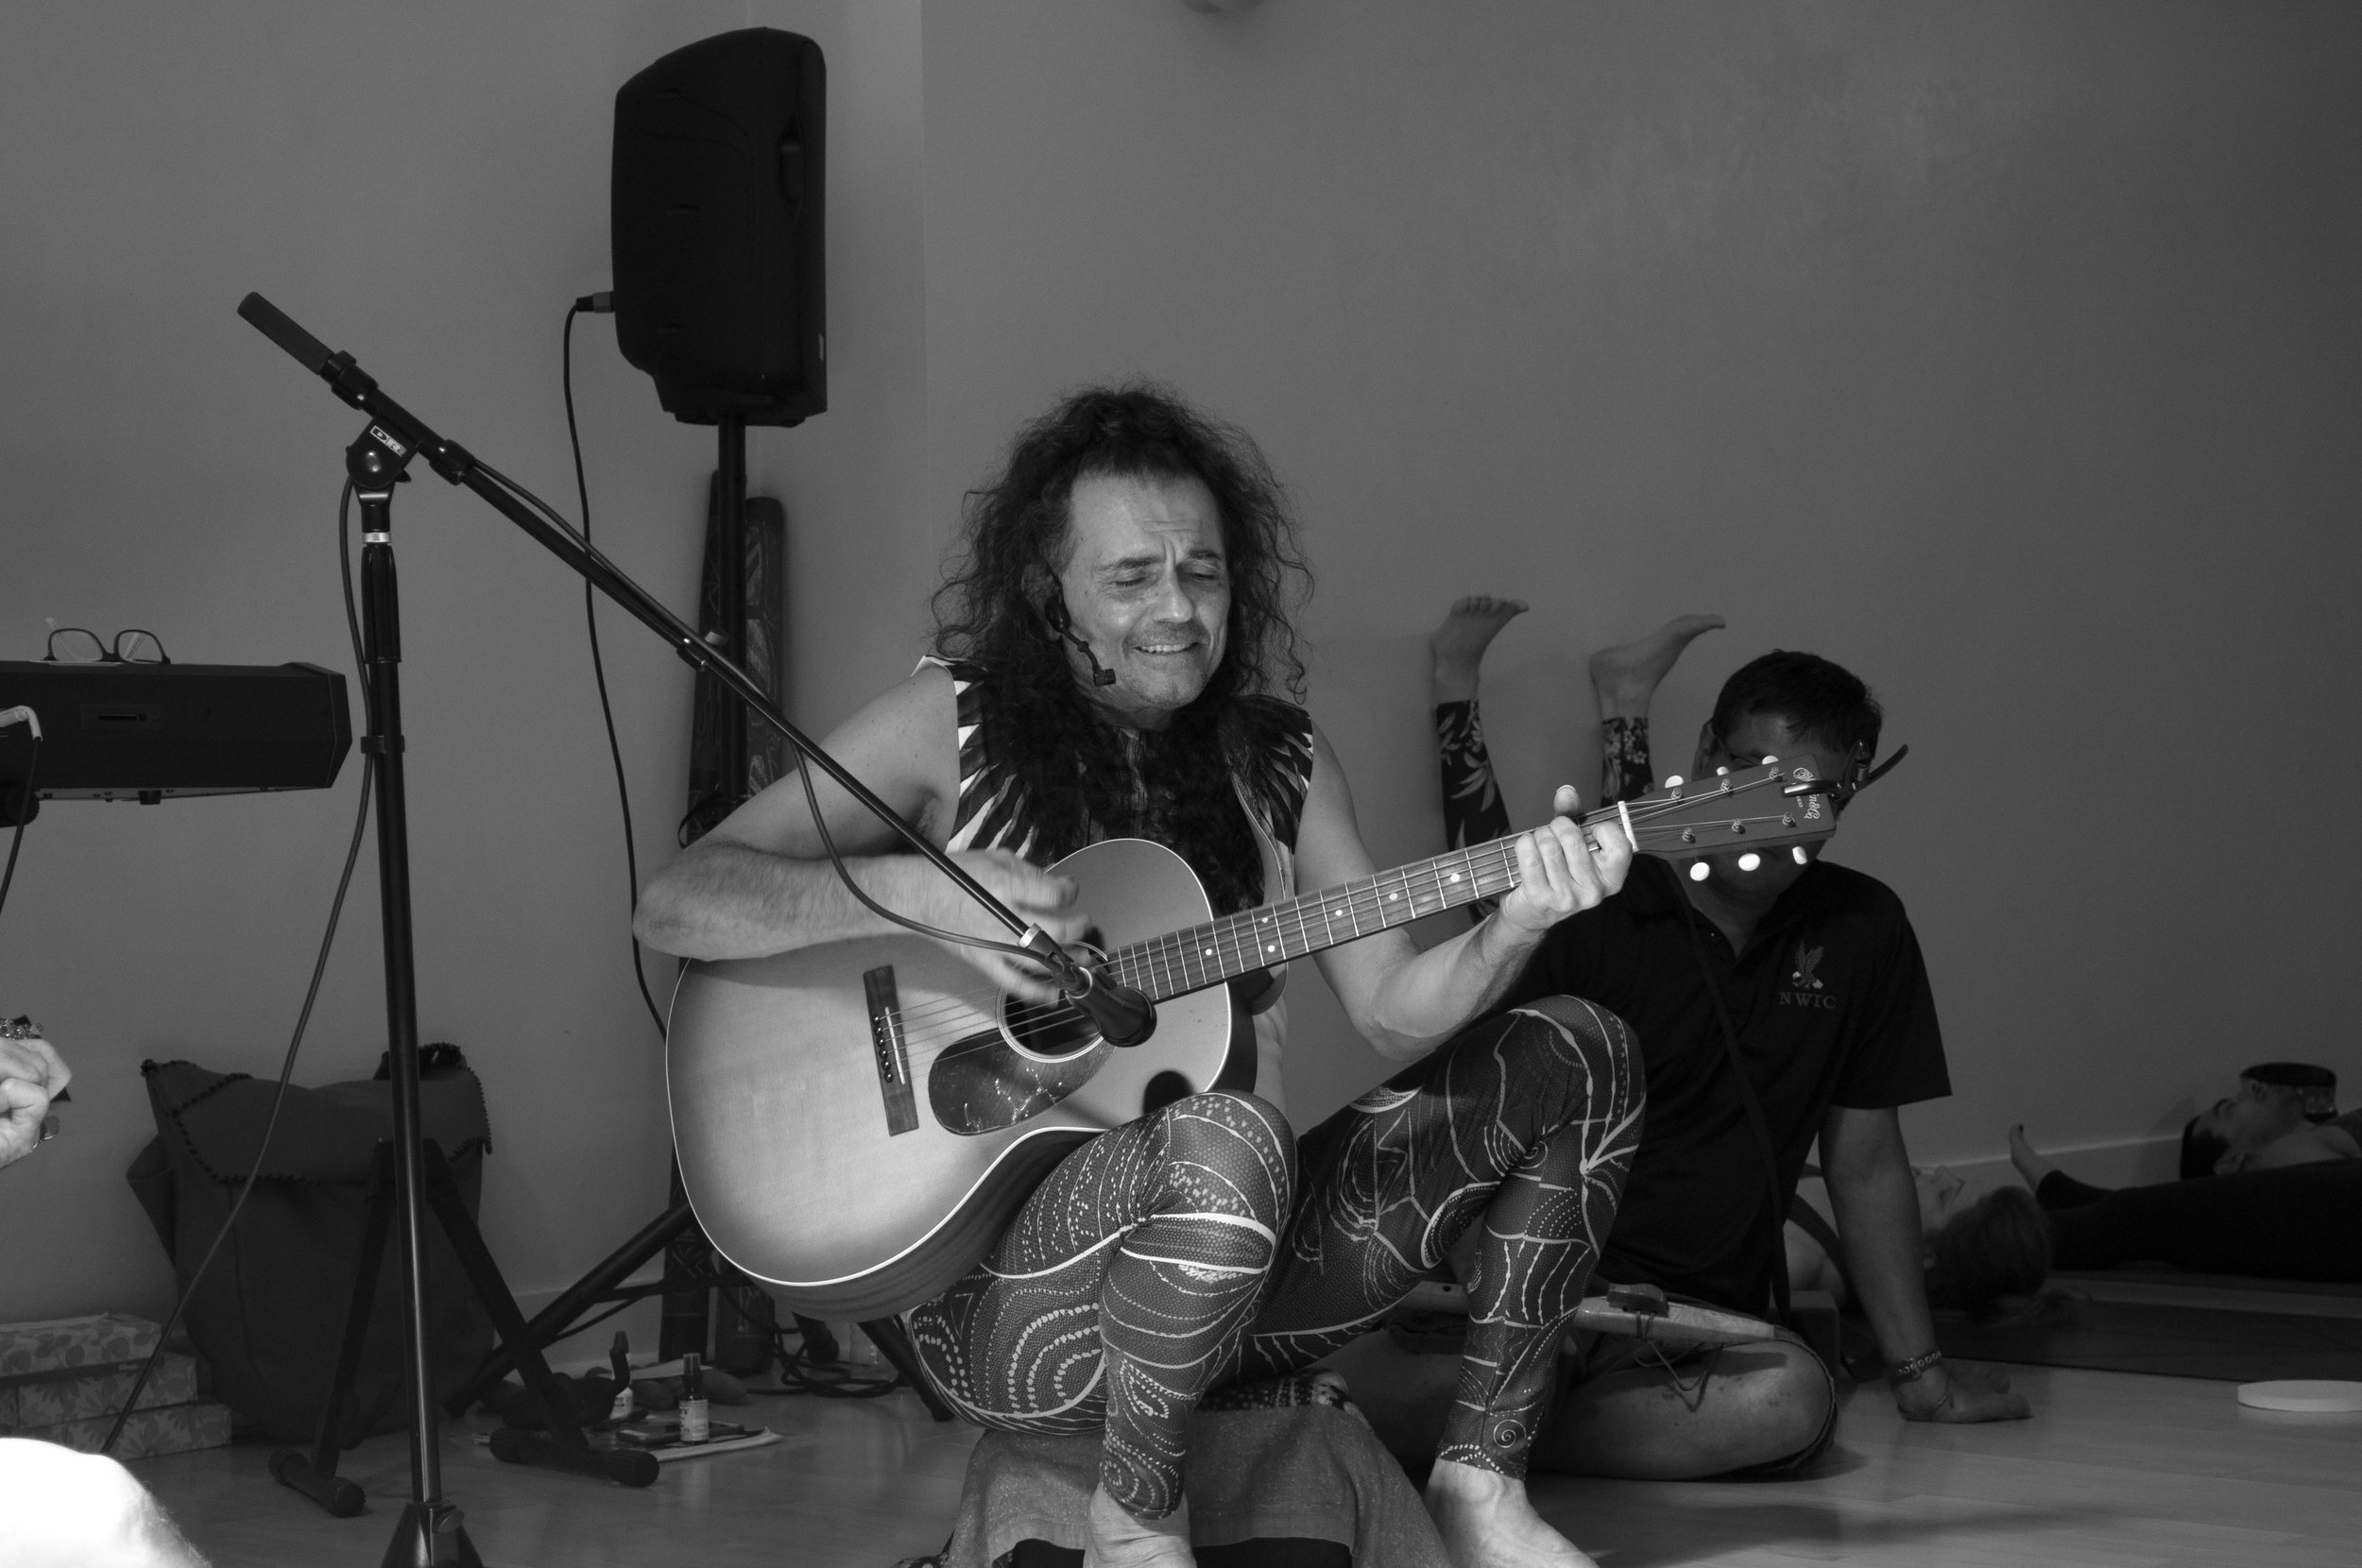 jose and guitar.jpg